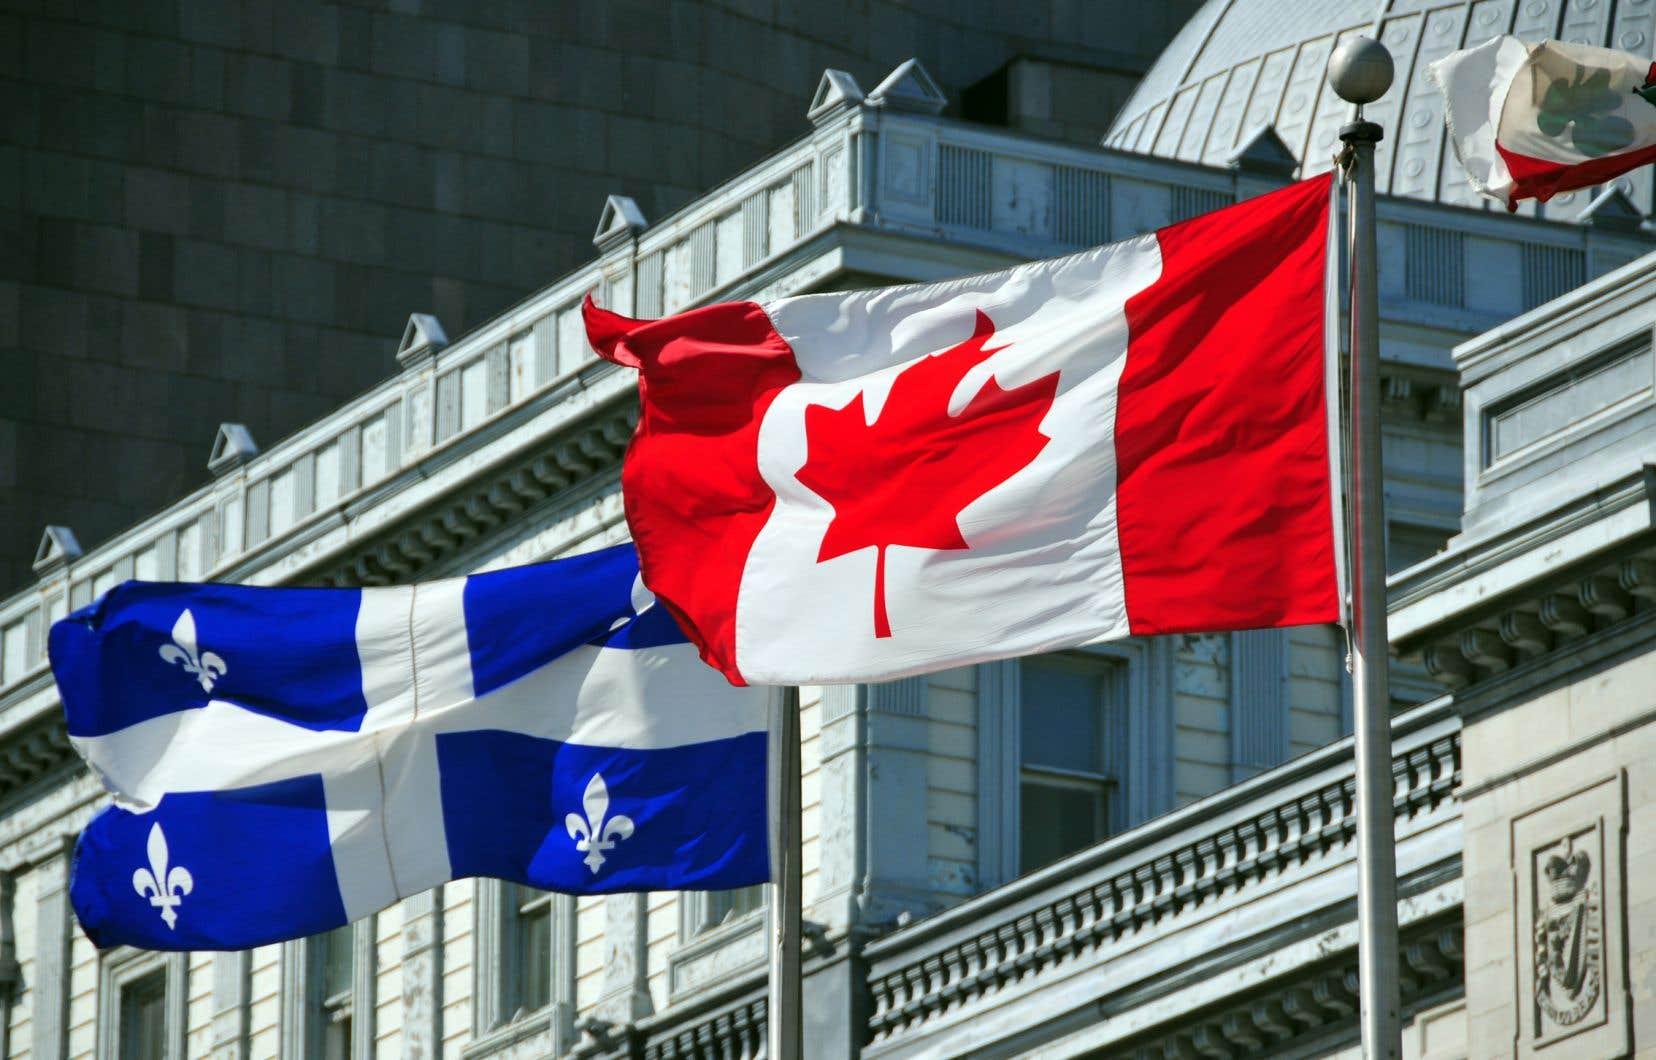 «La Charte permet aussi aux adversaires de la différence québécoise de nous attaquer sous prétexte que les droits fondamentaux sont constamment violés chez nous», écrit l'auteur.